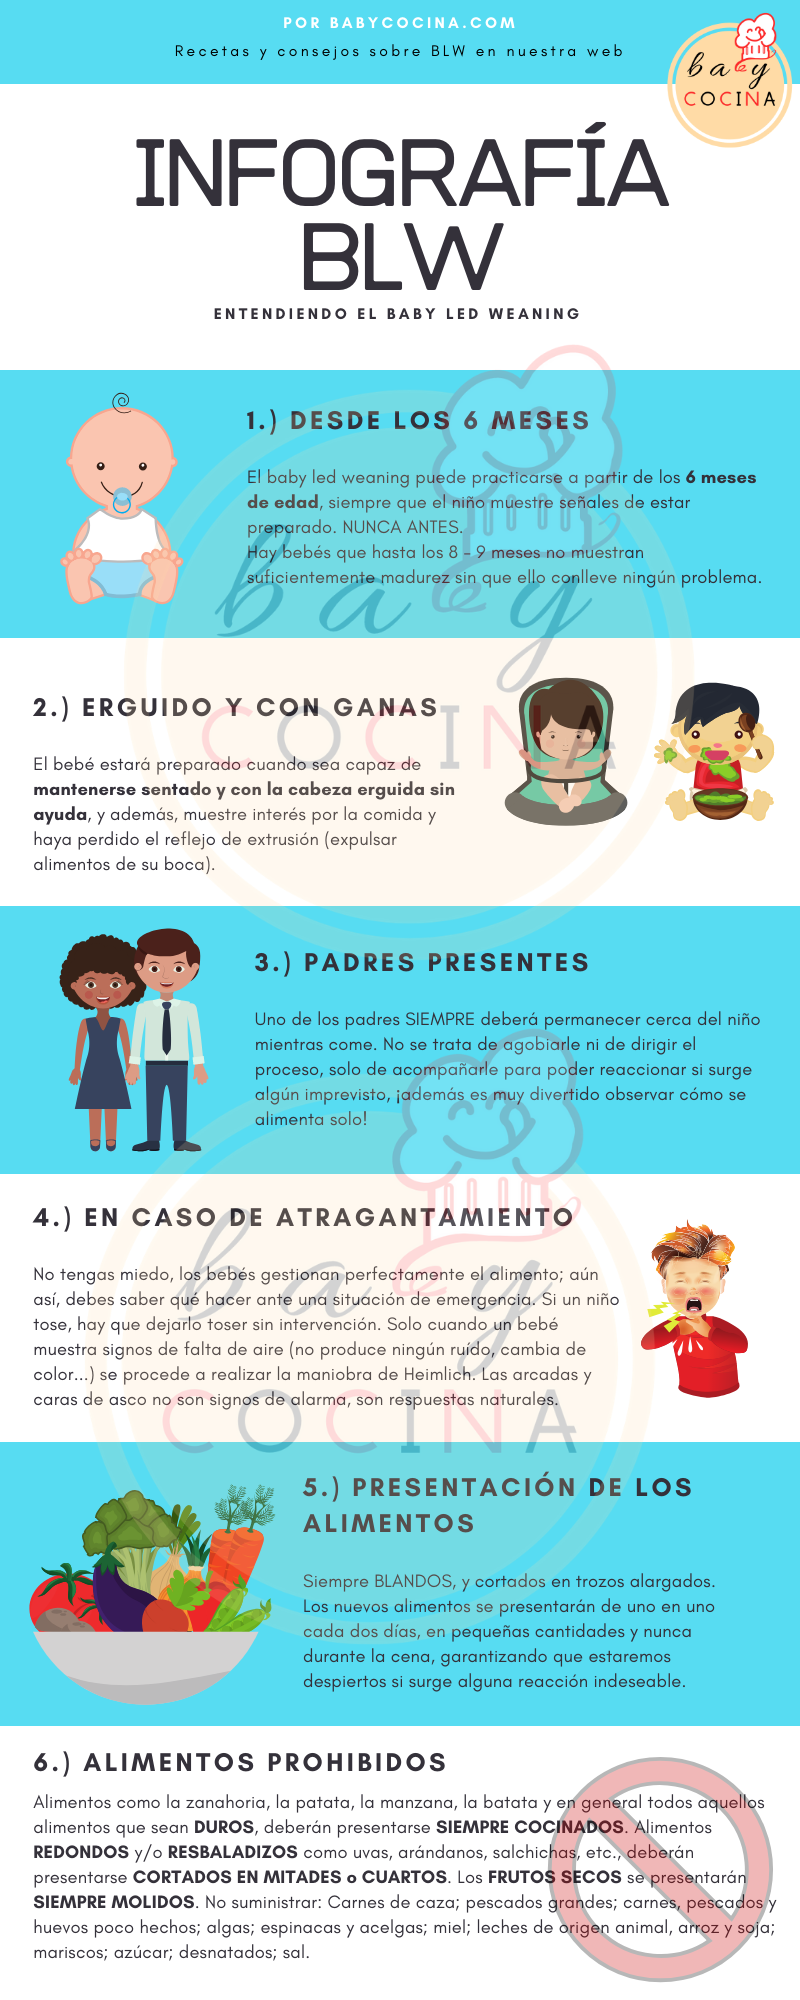 Infografía BLW por BABYCOCINA